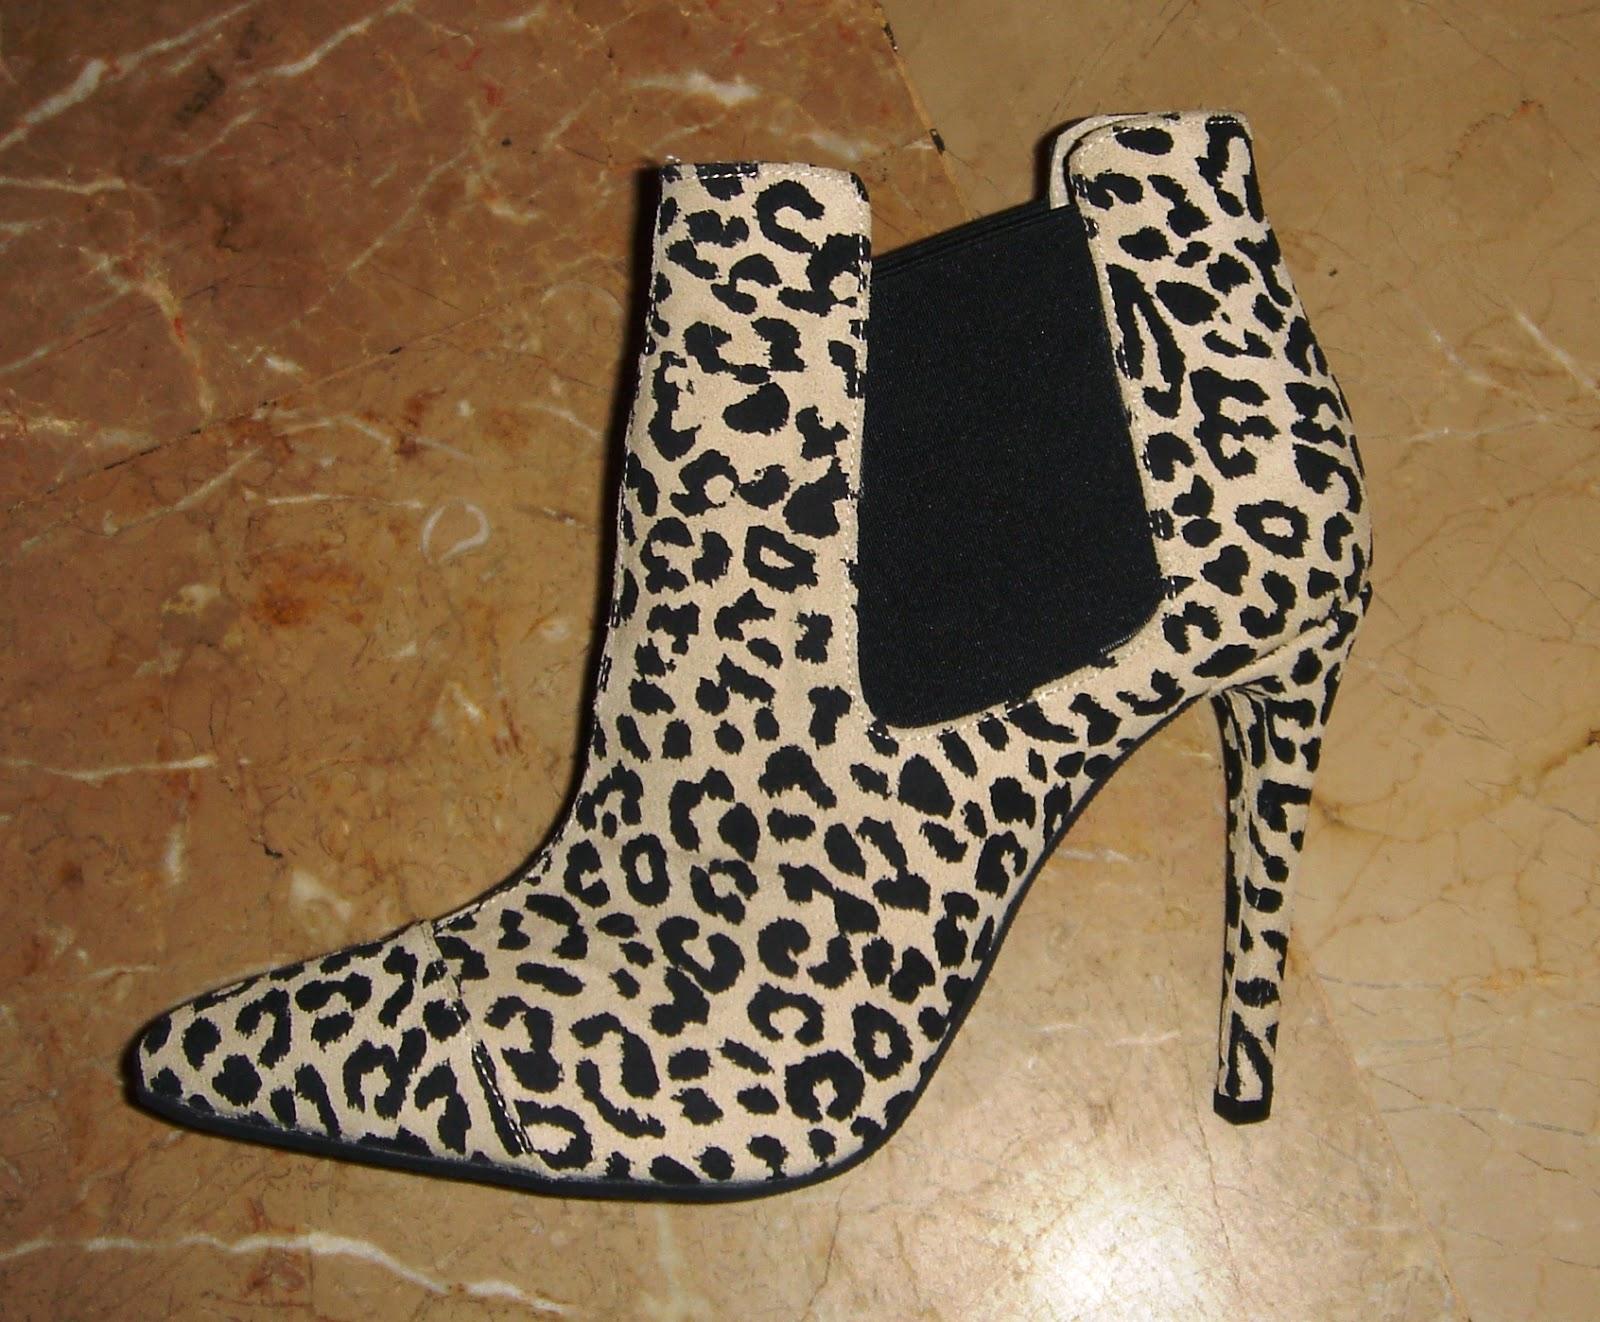 αλλά τους φαίνονται πιο ελκυστικές οι γυναίκες οι οποίες το κάνουν. Γιατί  οι γυναίκες που φορούν ψηλά παπούτσια είναι πιο ελκυστικές  170e0bd3506